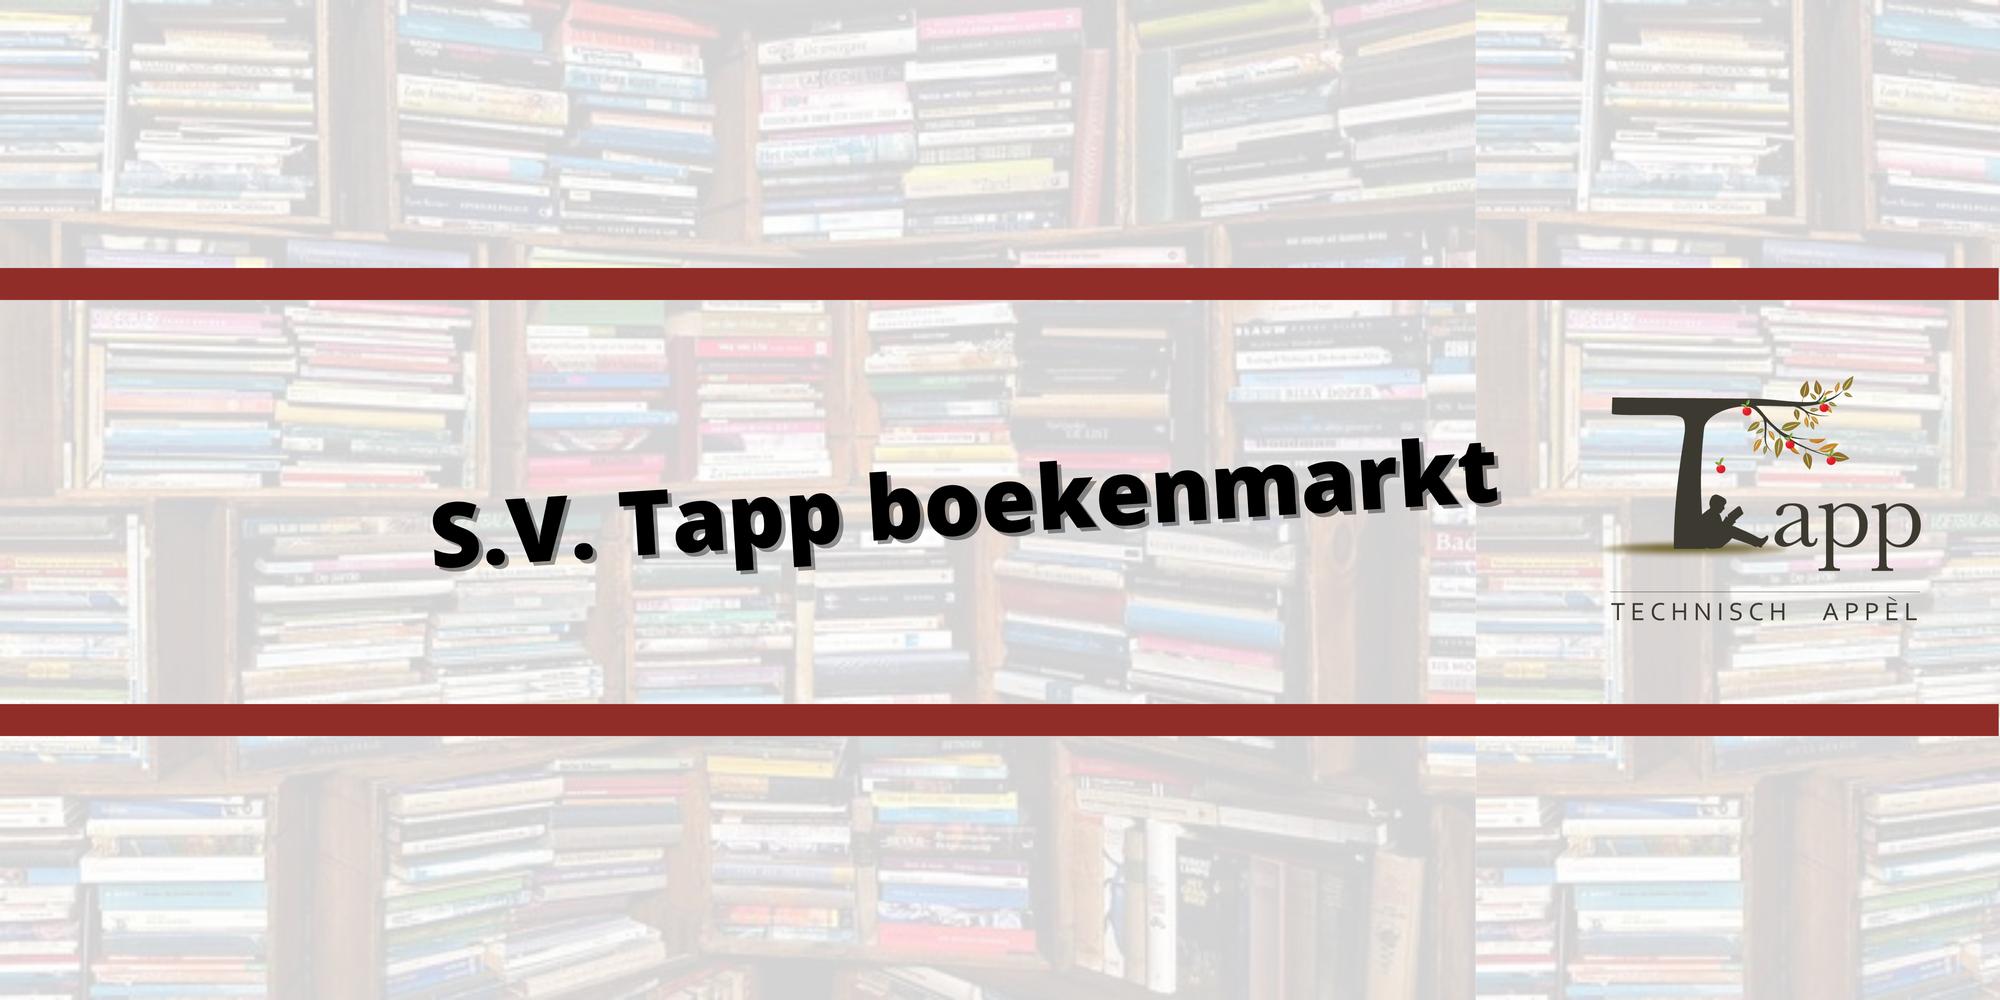 S.V. Tapp boekenmarkt